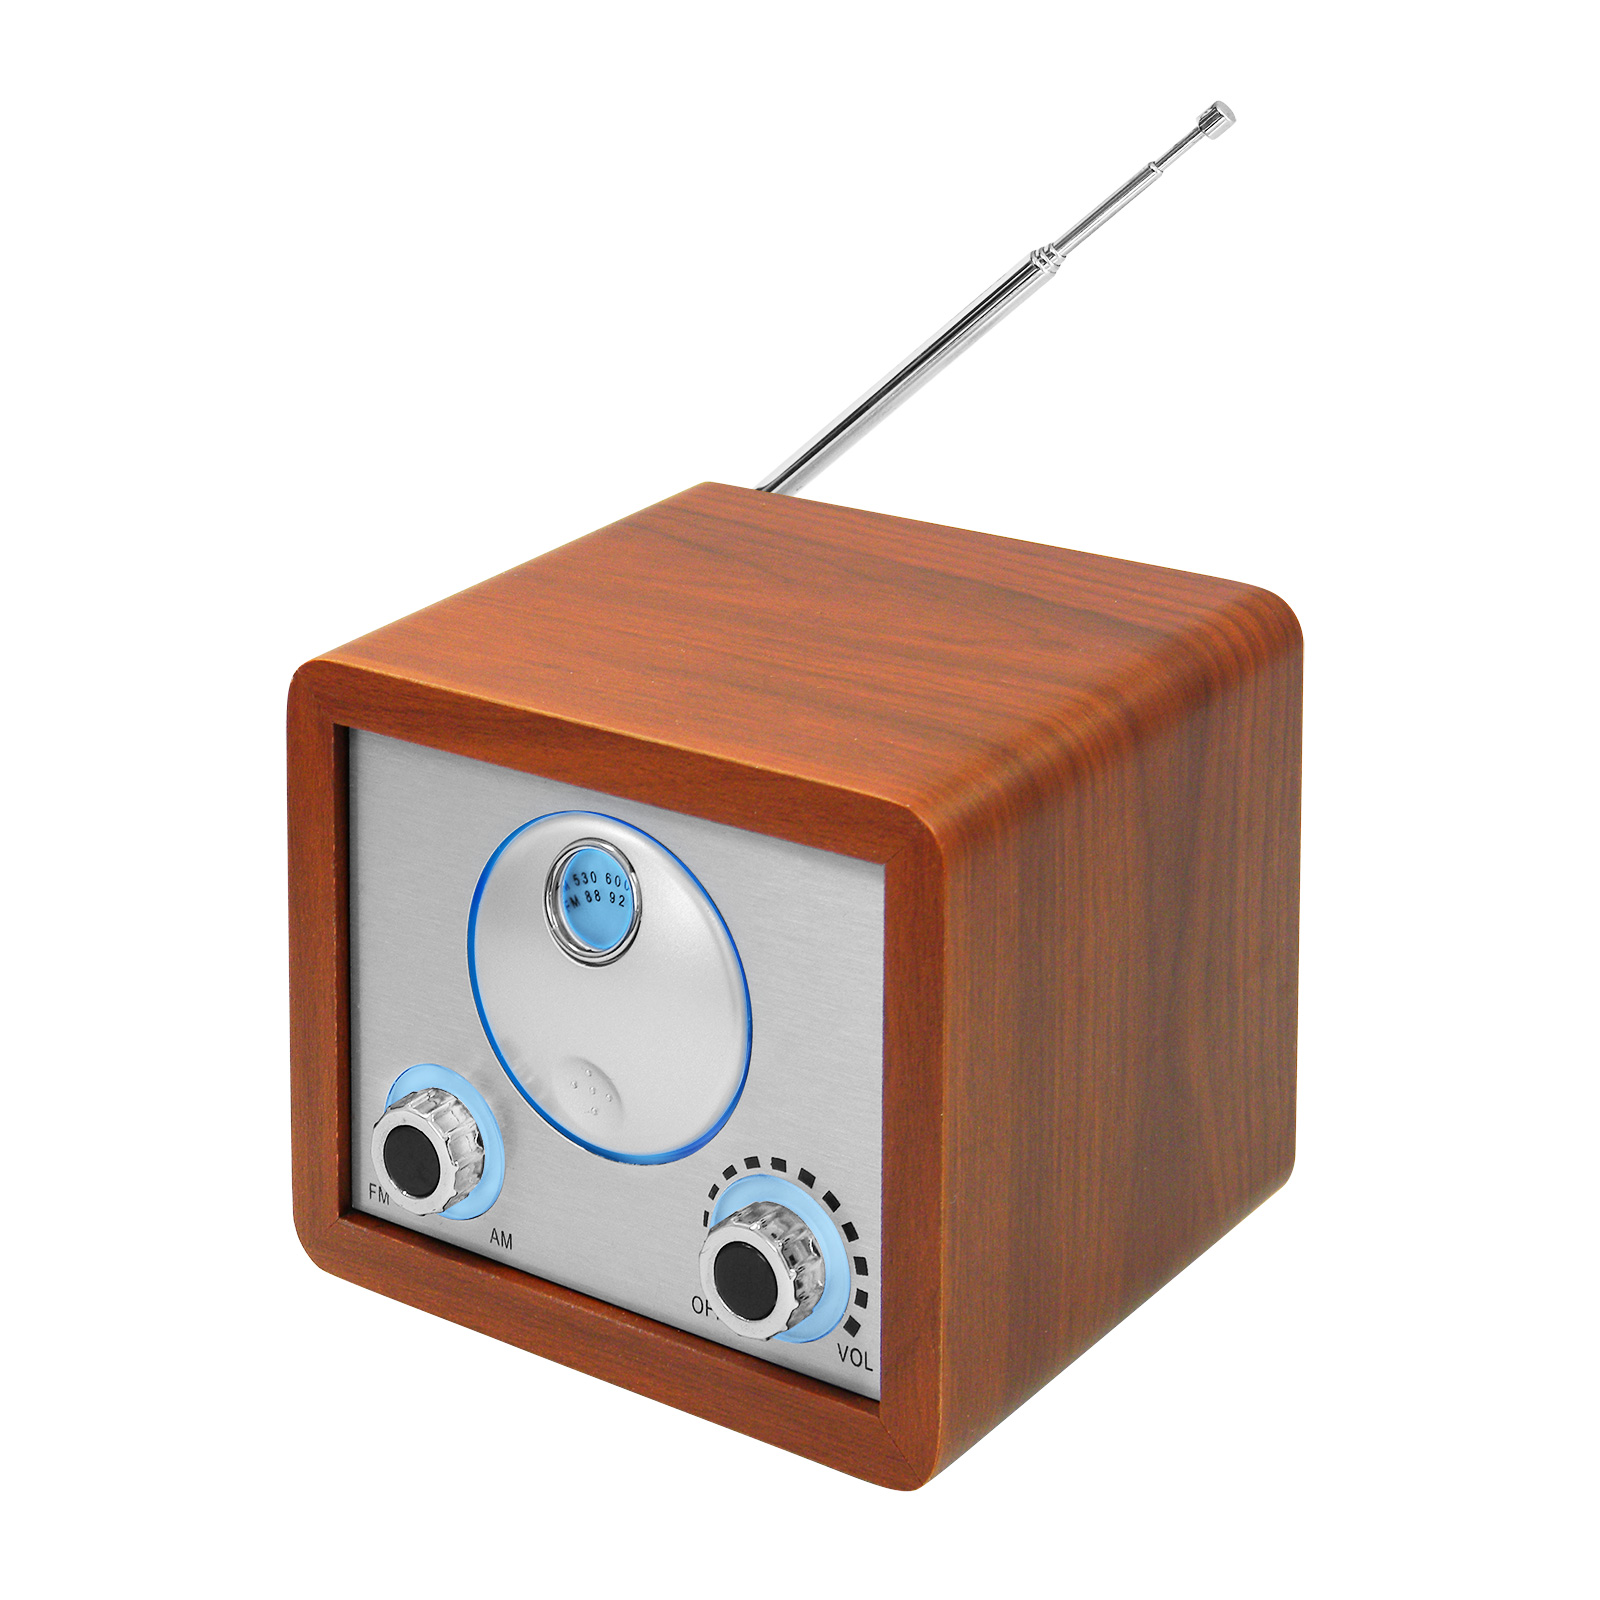 Retro Cube Würfel<br> Radio AM/FM<br>mobil/tragbar, Holzo